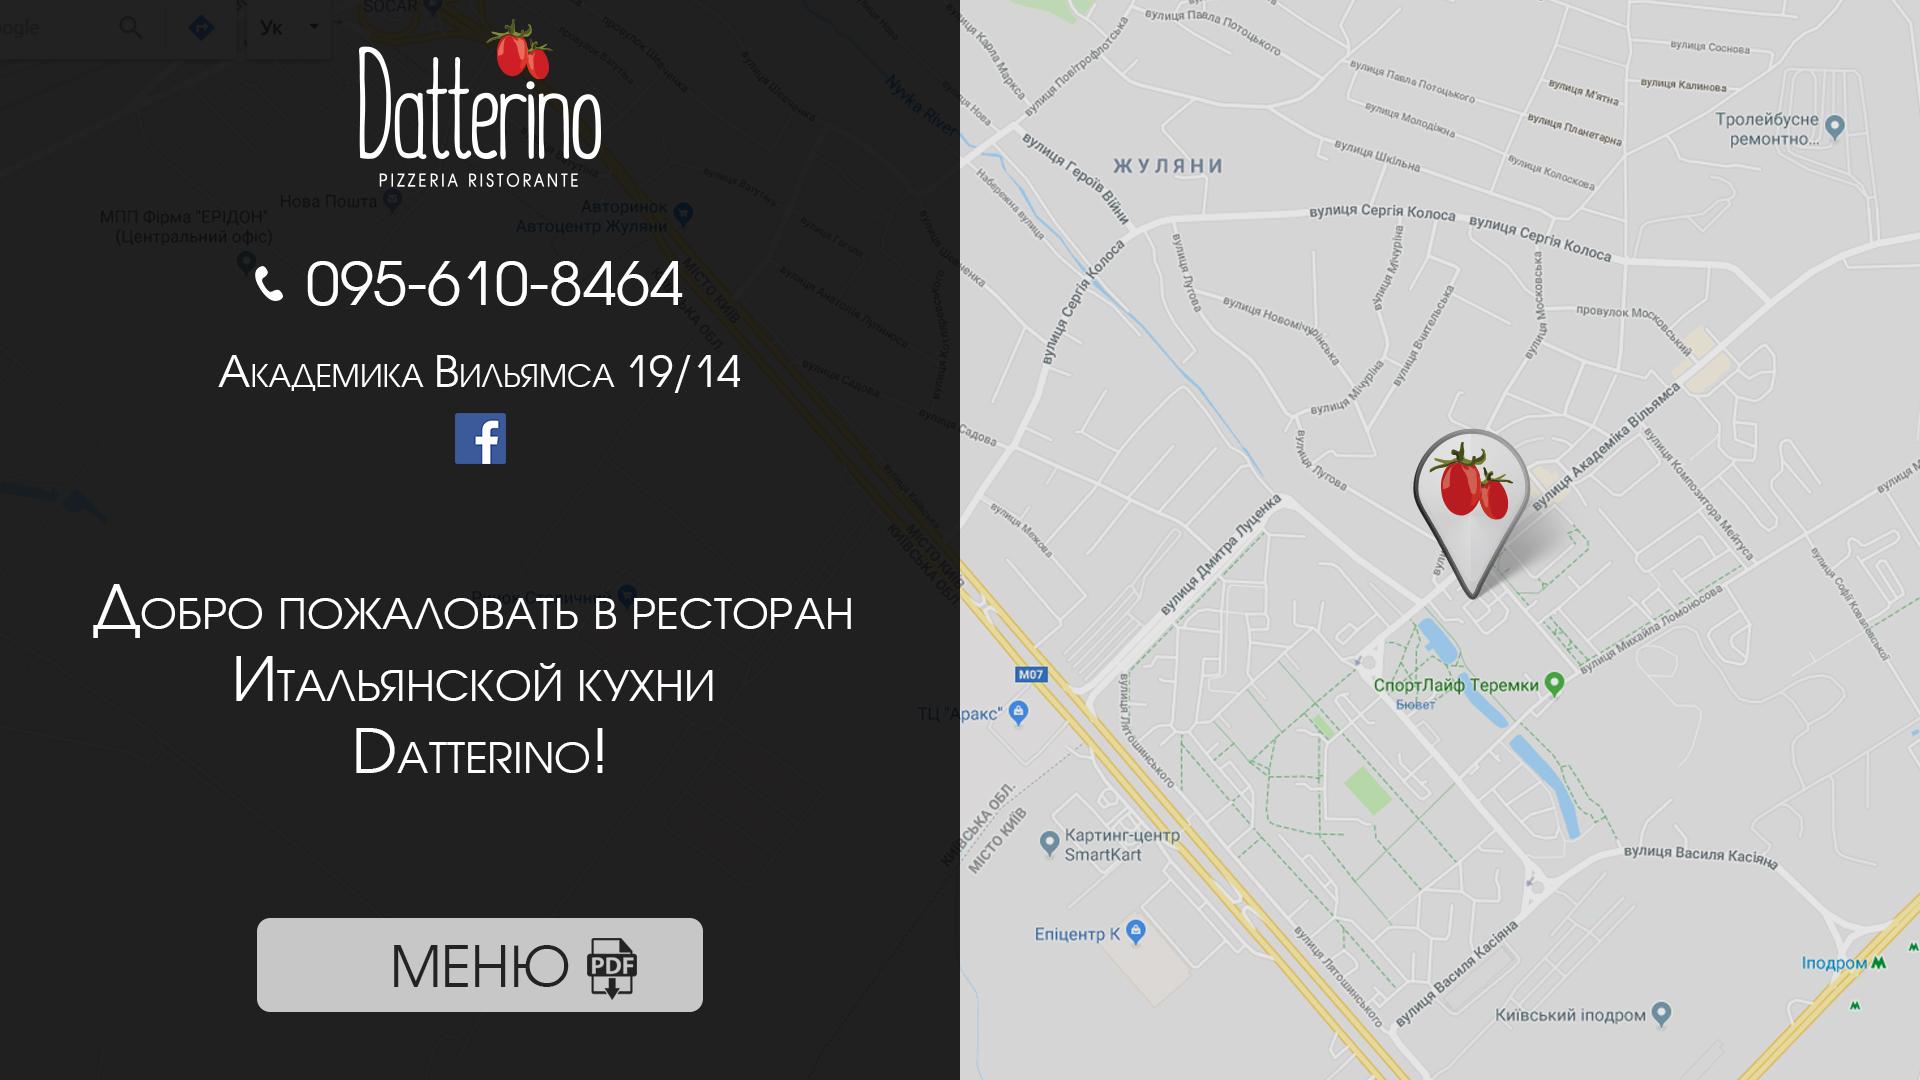 Фото Дизайн и верстка заглушки для пиццерии Datterino. design, html, css